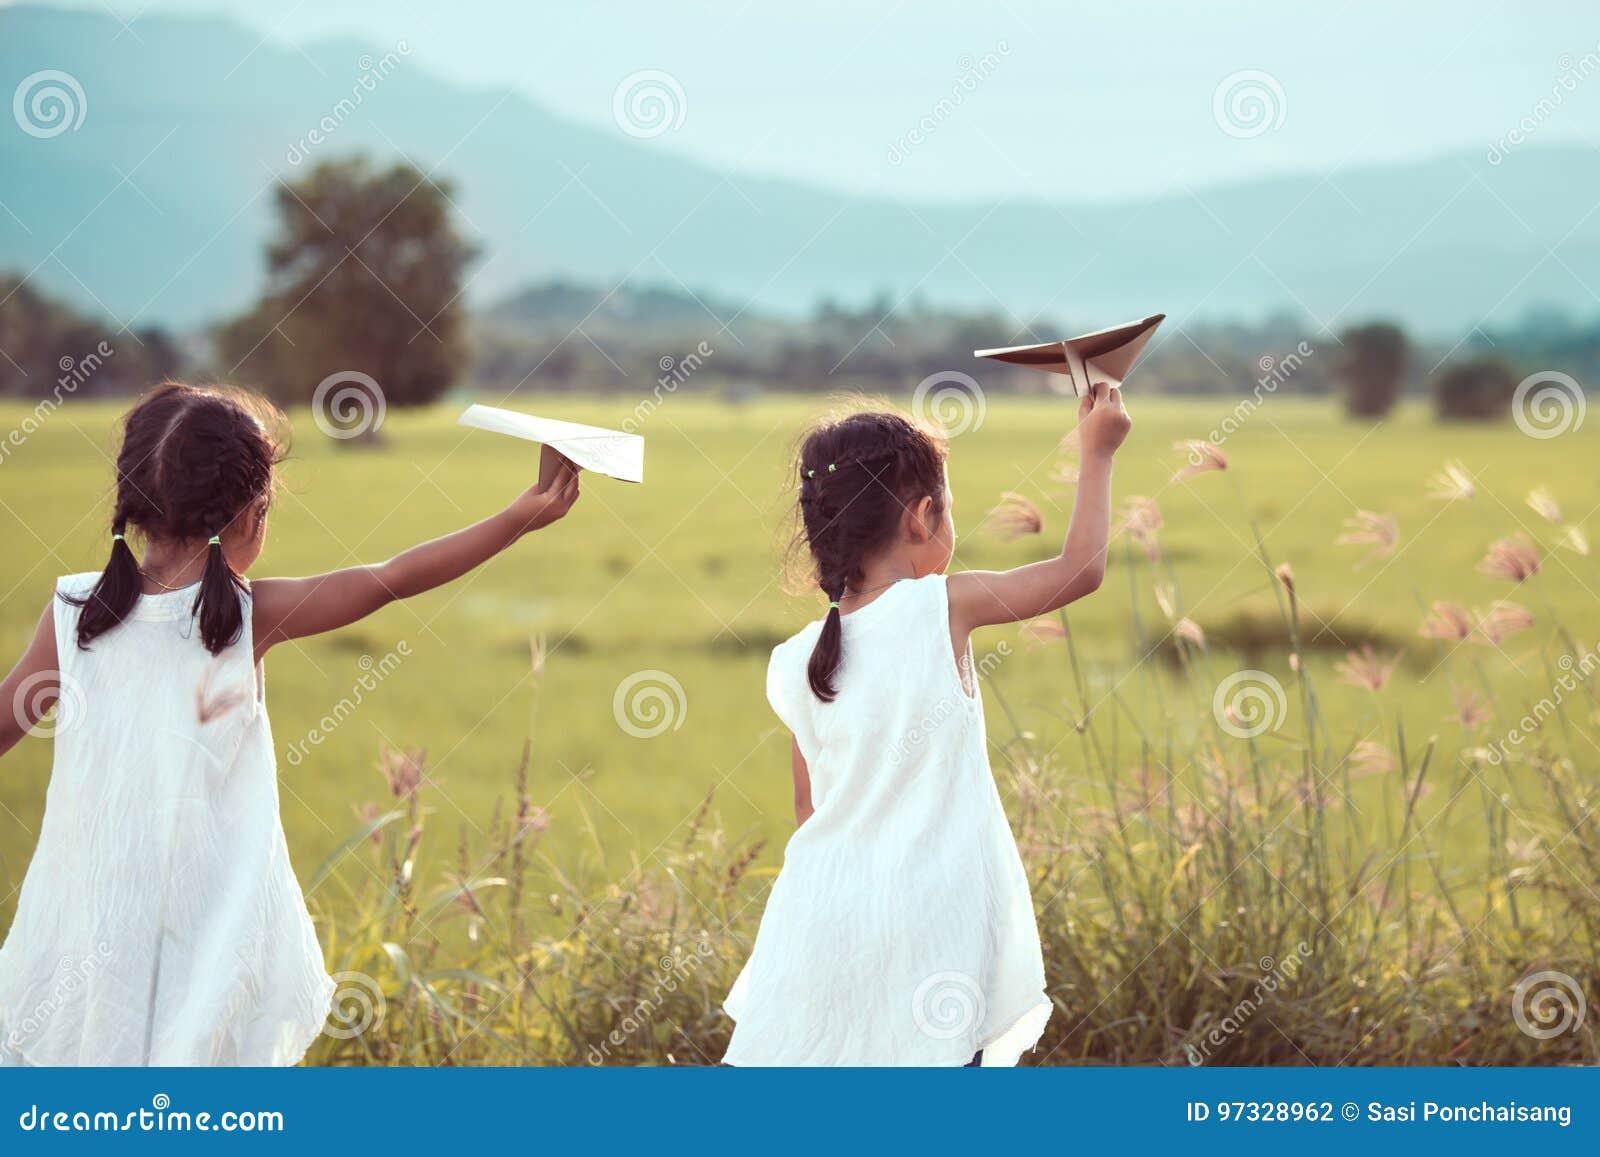 Hintere Ansicht von zwei asiatischen Kindermädchen, die Spielzeugpapierflugzeug spielen